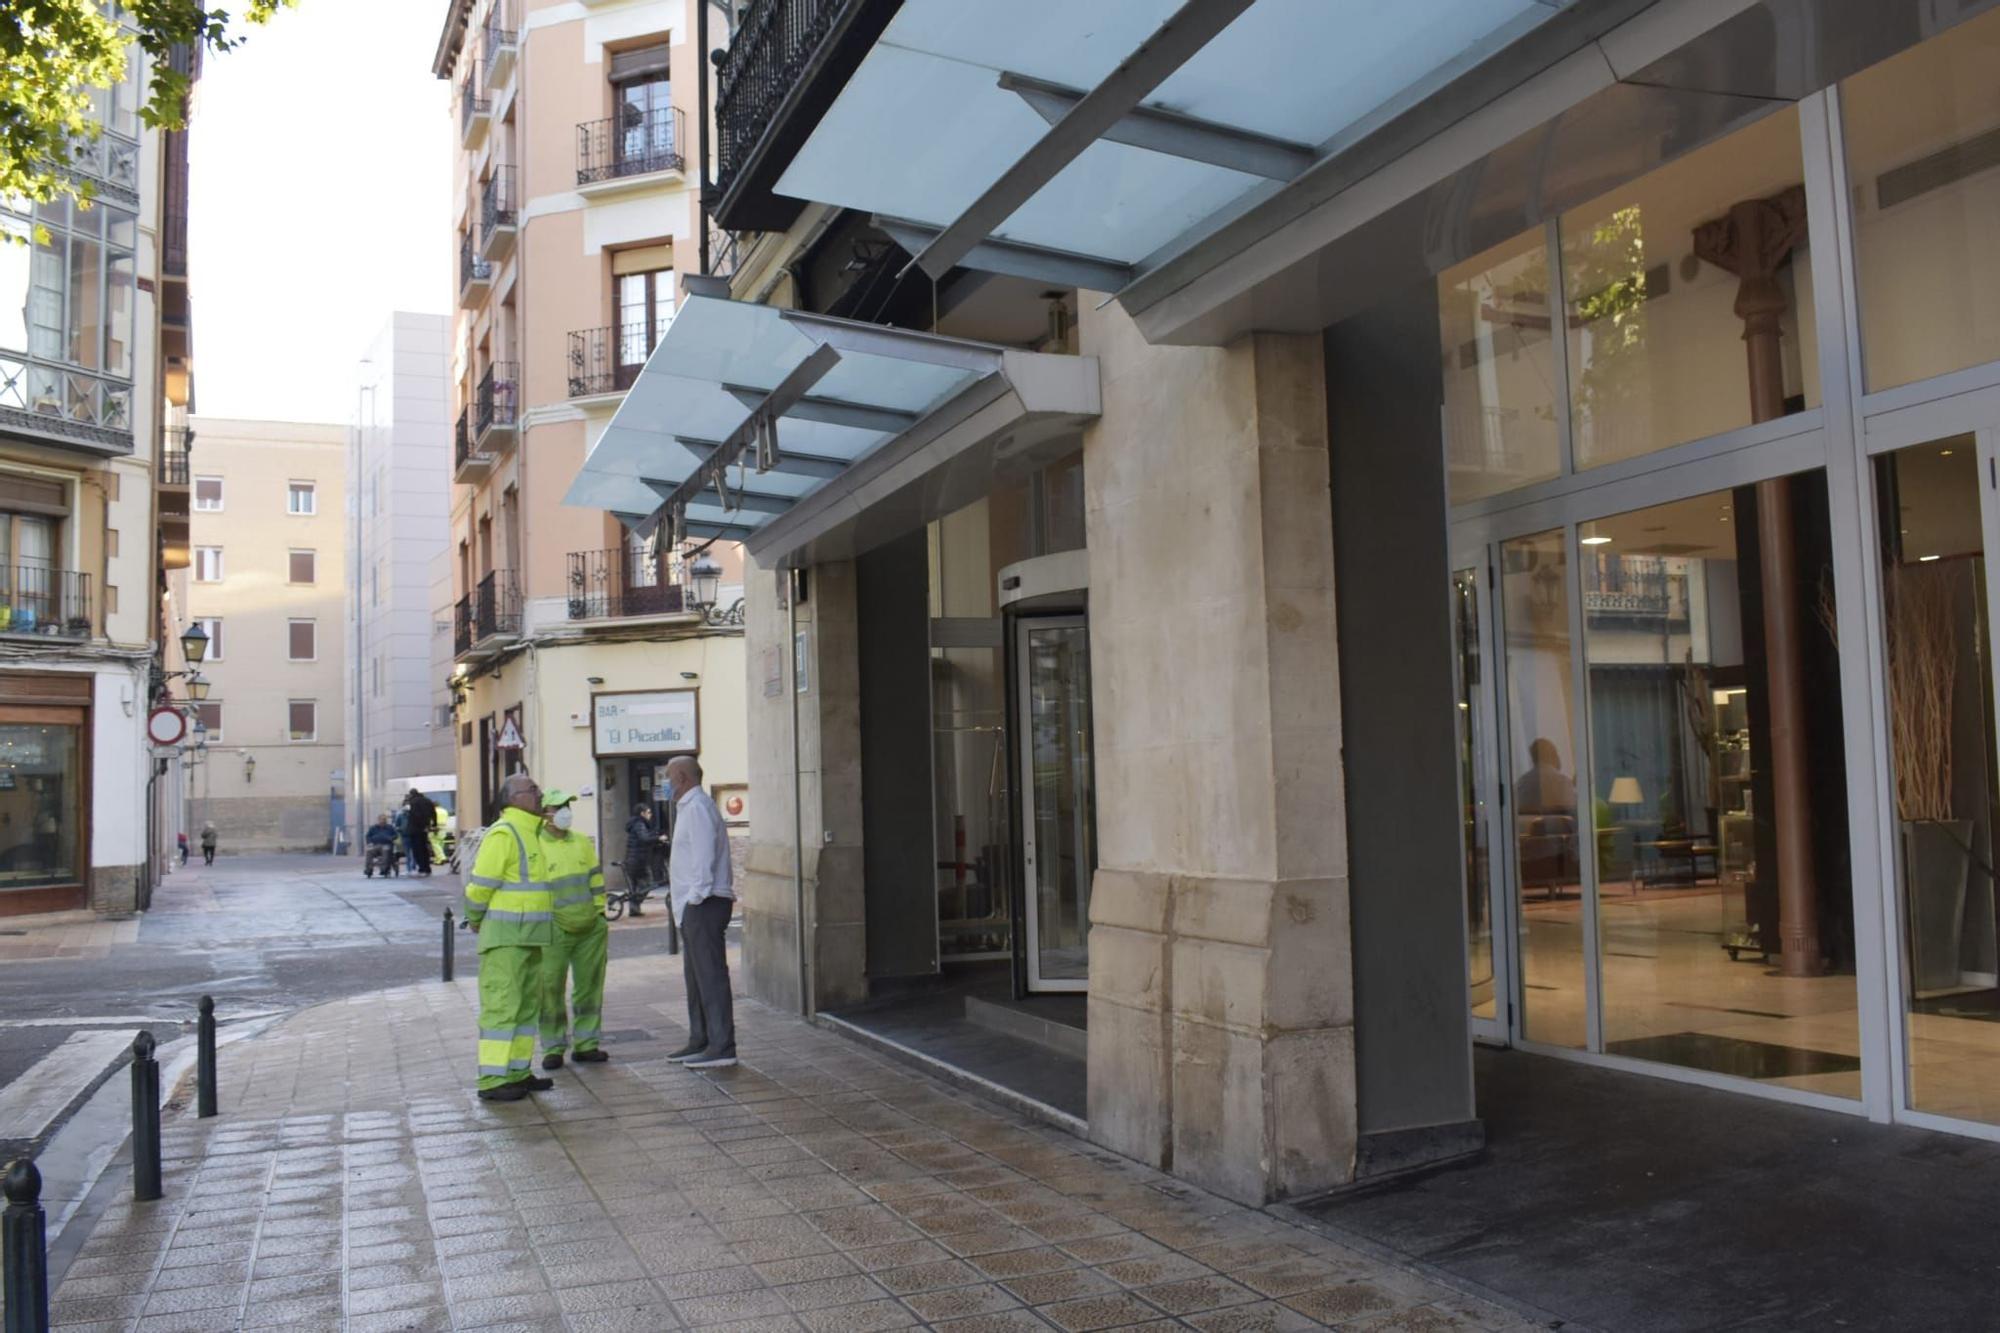 El hotel Catalonia sufre daños tras los disturbios en la madrugada del Pilar